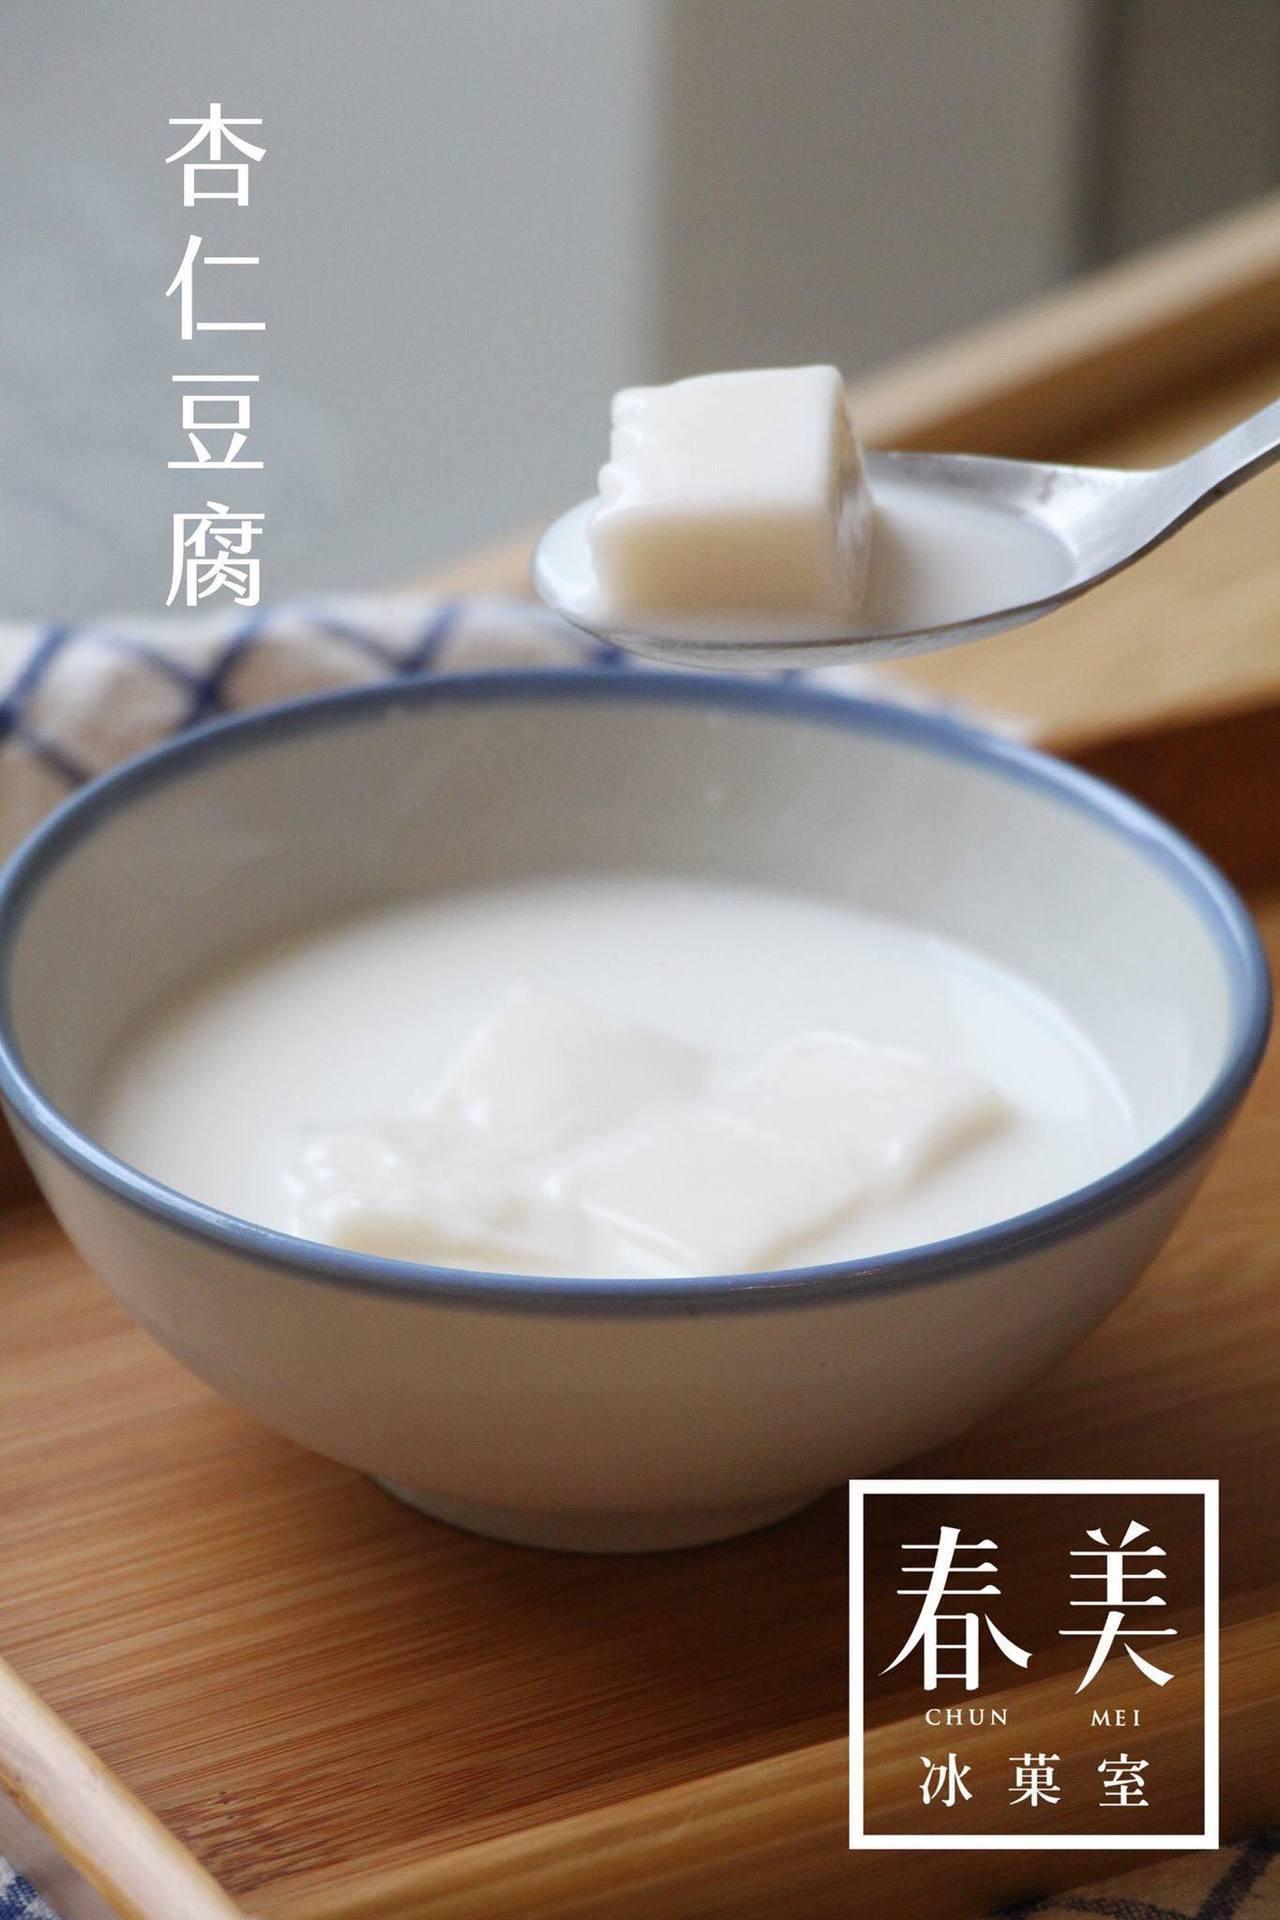 杏仁豆腐甜湯是限量品。圖/春美冰菓室 提供